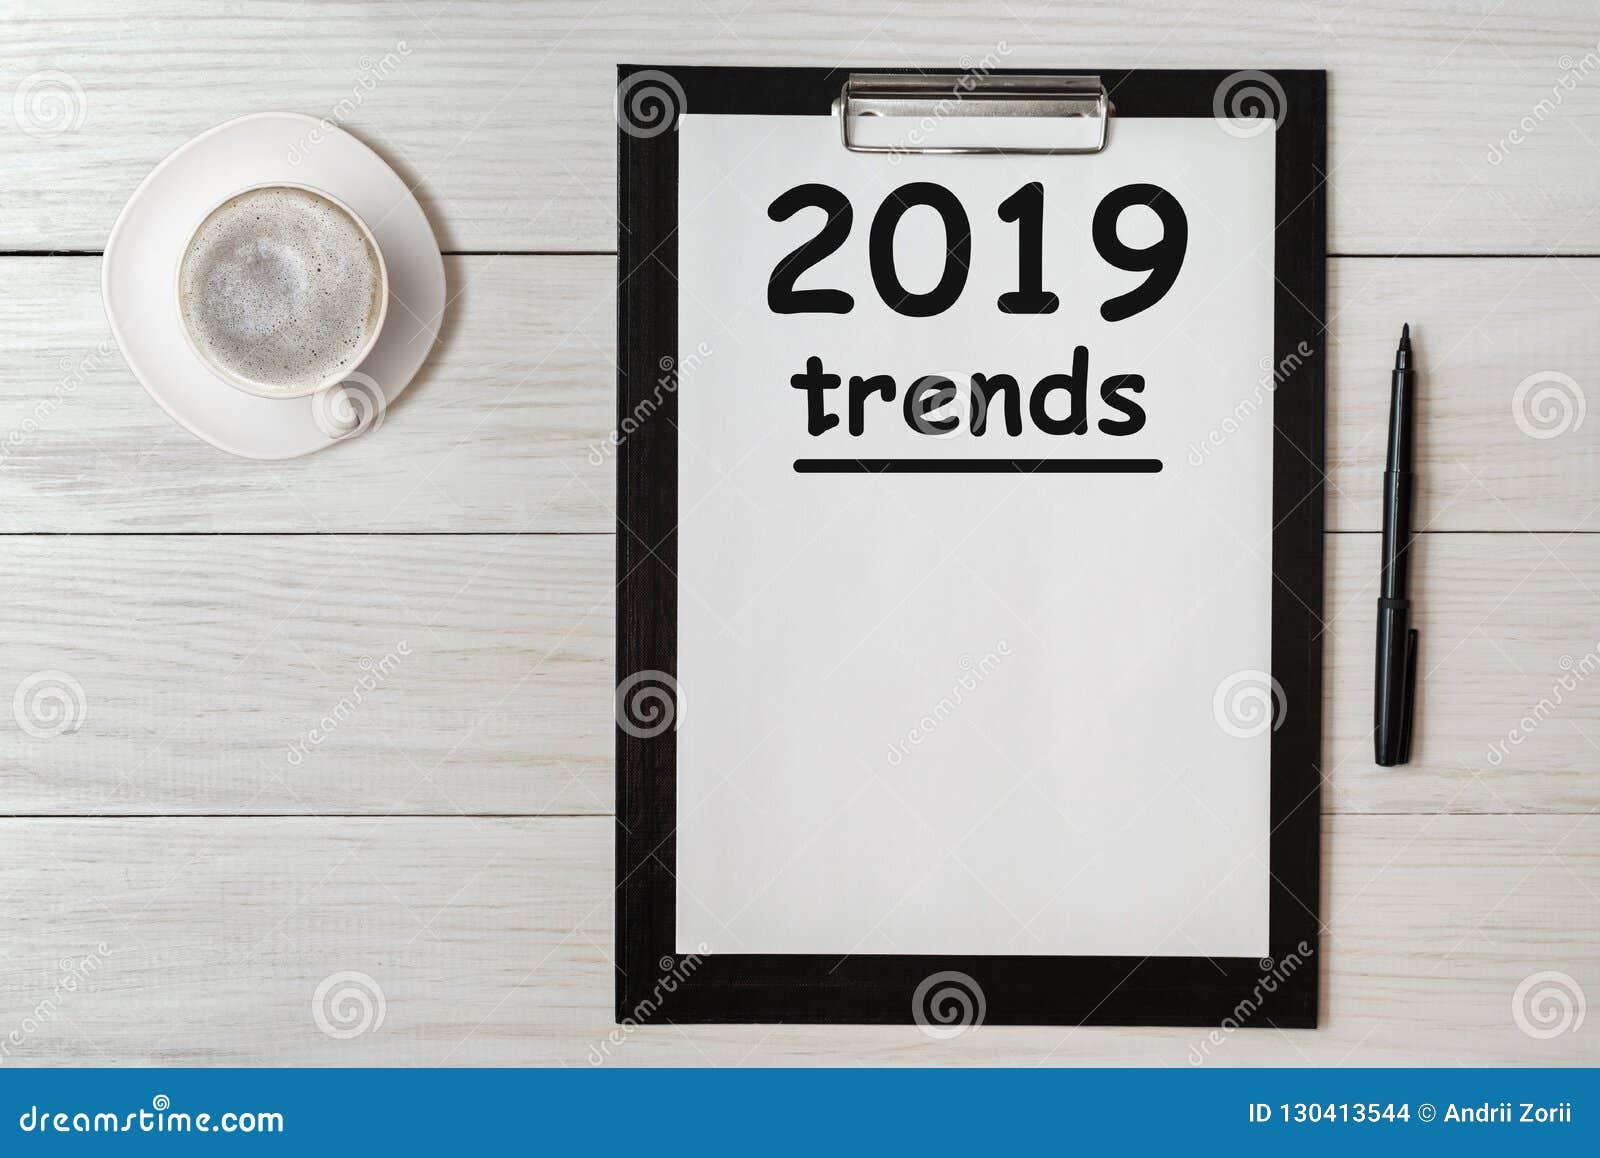 TENDENZEN Konzeptwort 2019 auf Tablette Neigt 2019 des Geschäftskonzeptes für neues Jahr